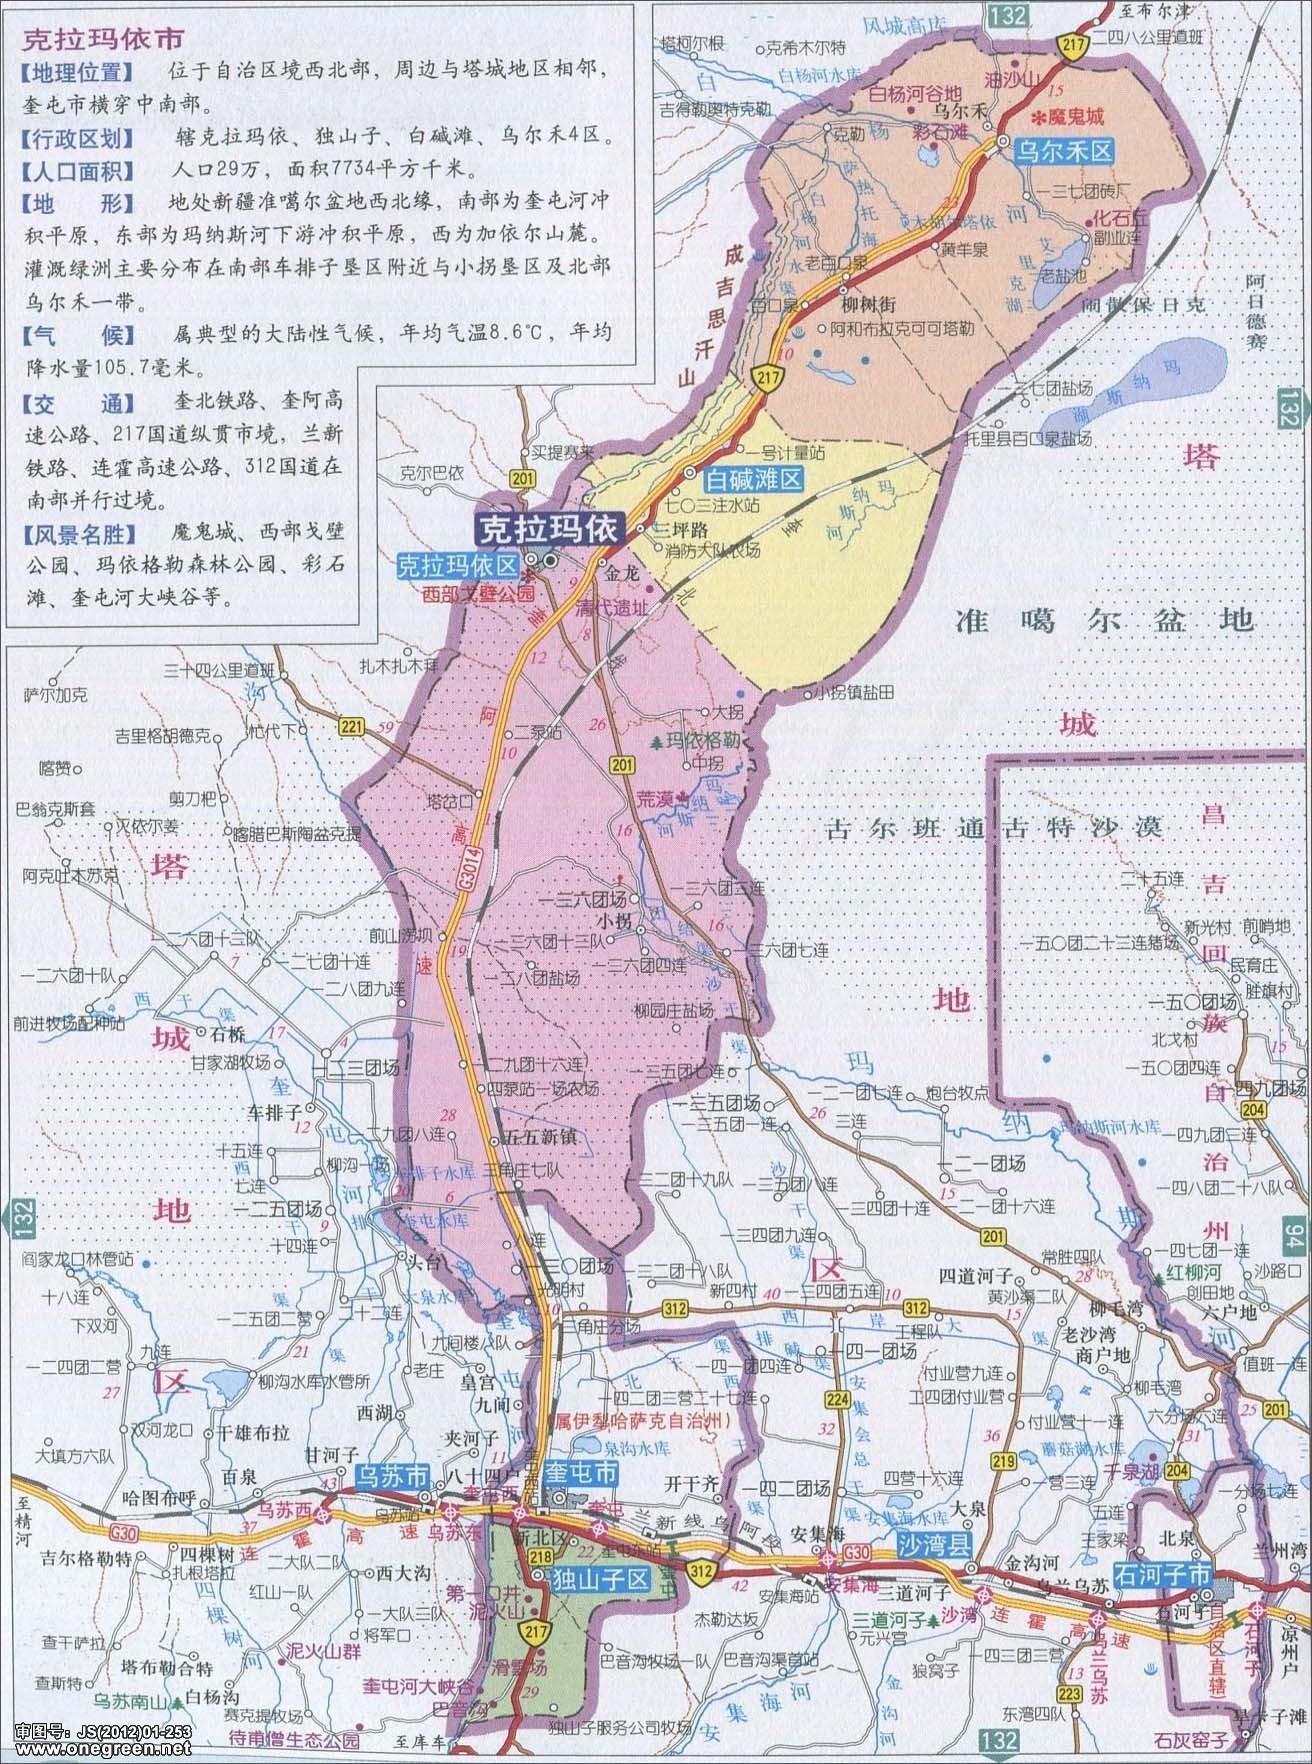 乌鲁木齐市地图_克拉玛依市地图_克拉玛依地图库_地图窝